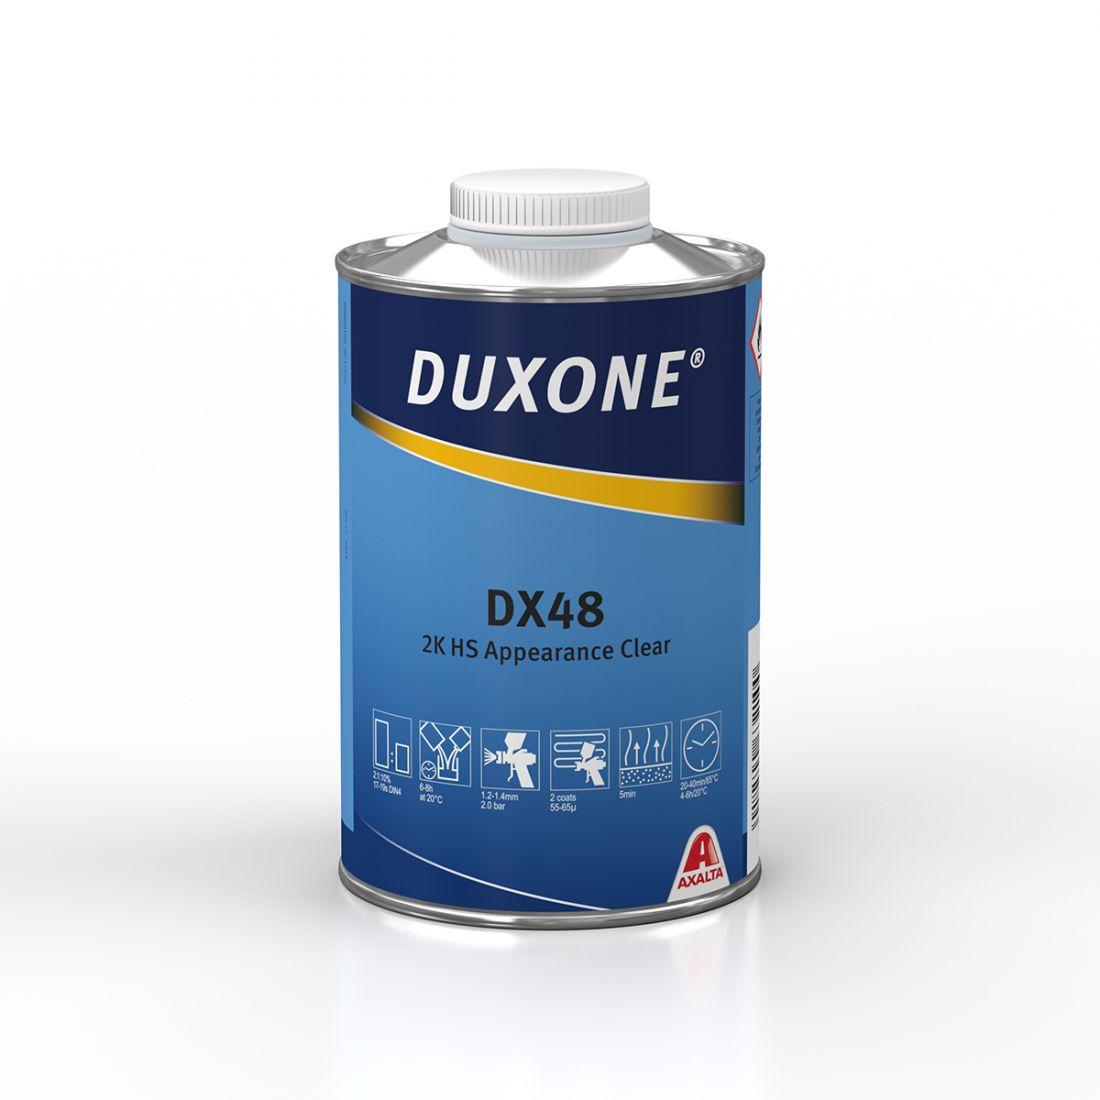 Duxone DX48 2К HS Акриловый лак, 1л.